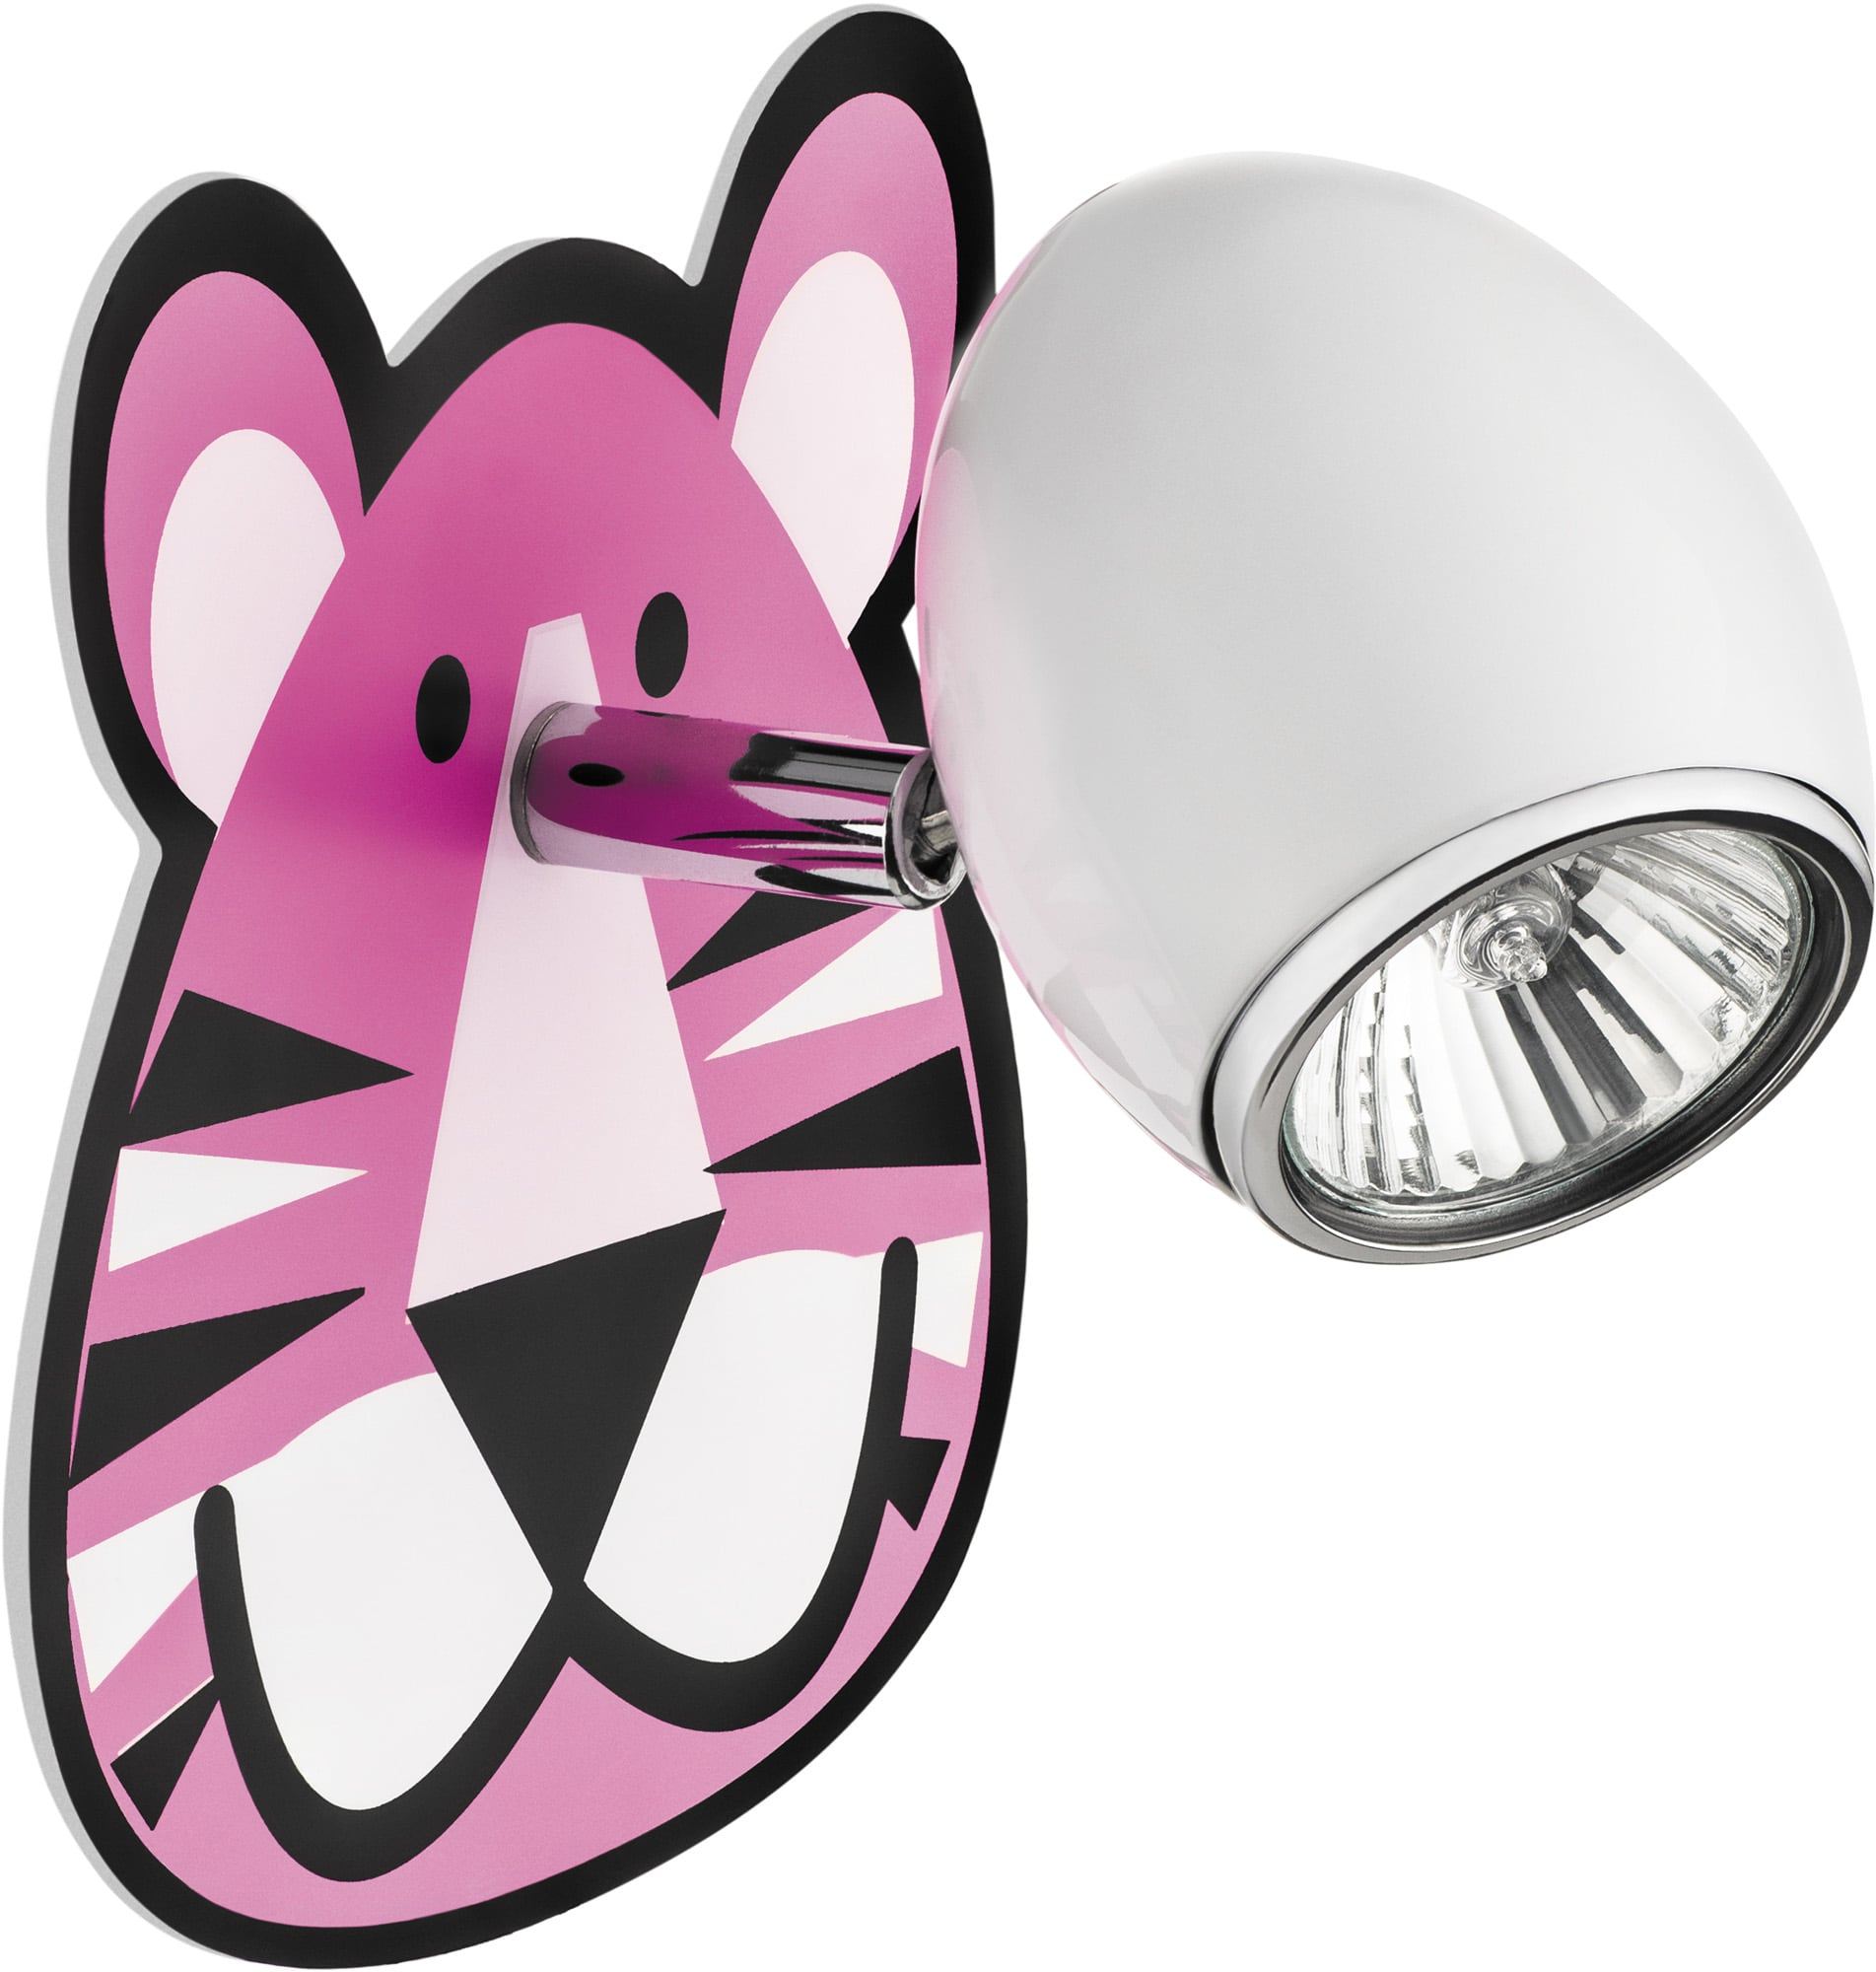 Lapma for child Tygrys - wall lamp Lenny white / chrome LED 4,5W GU10